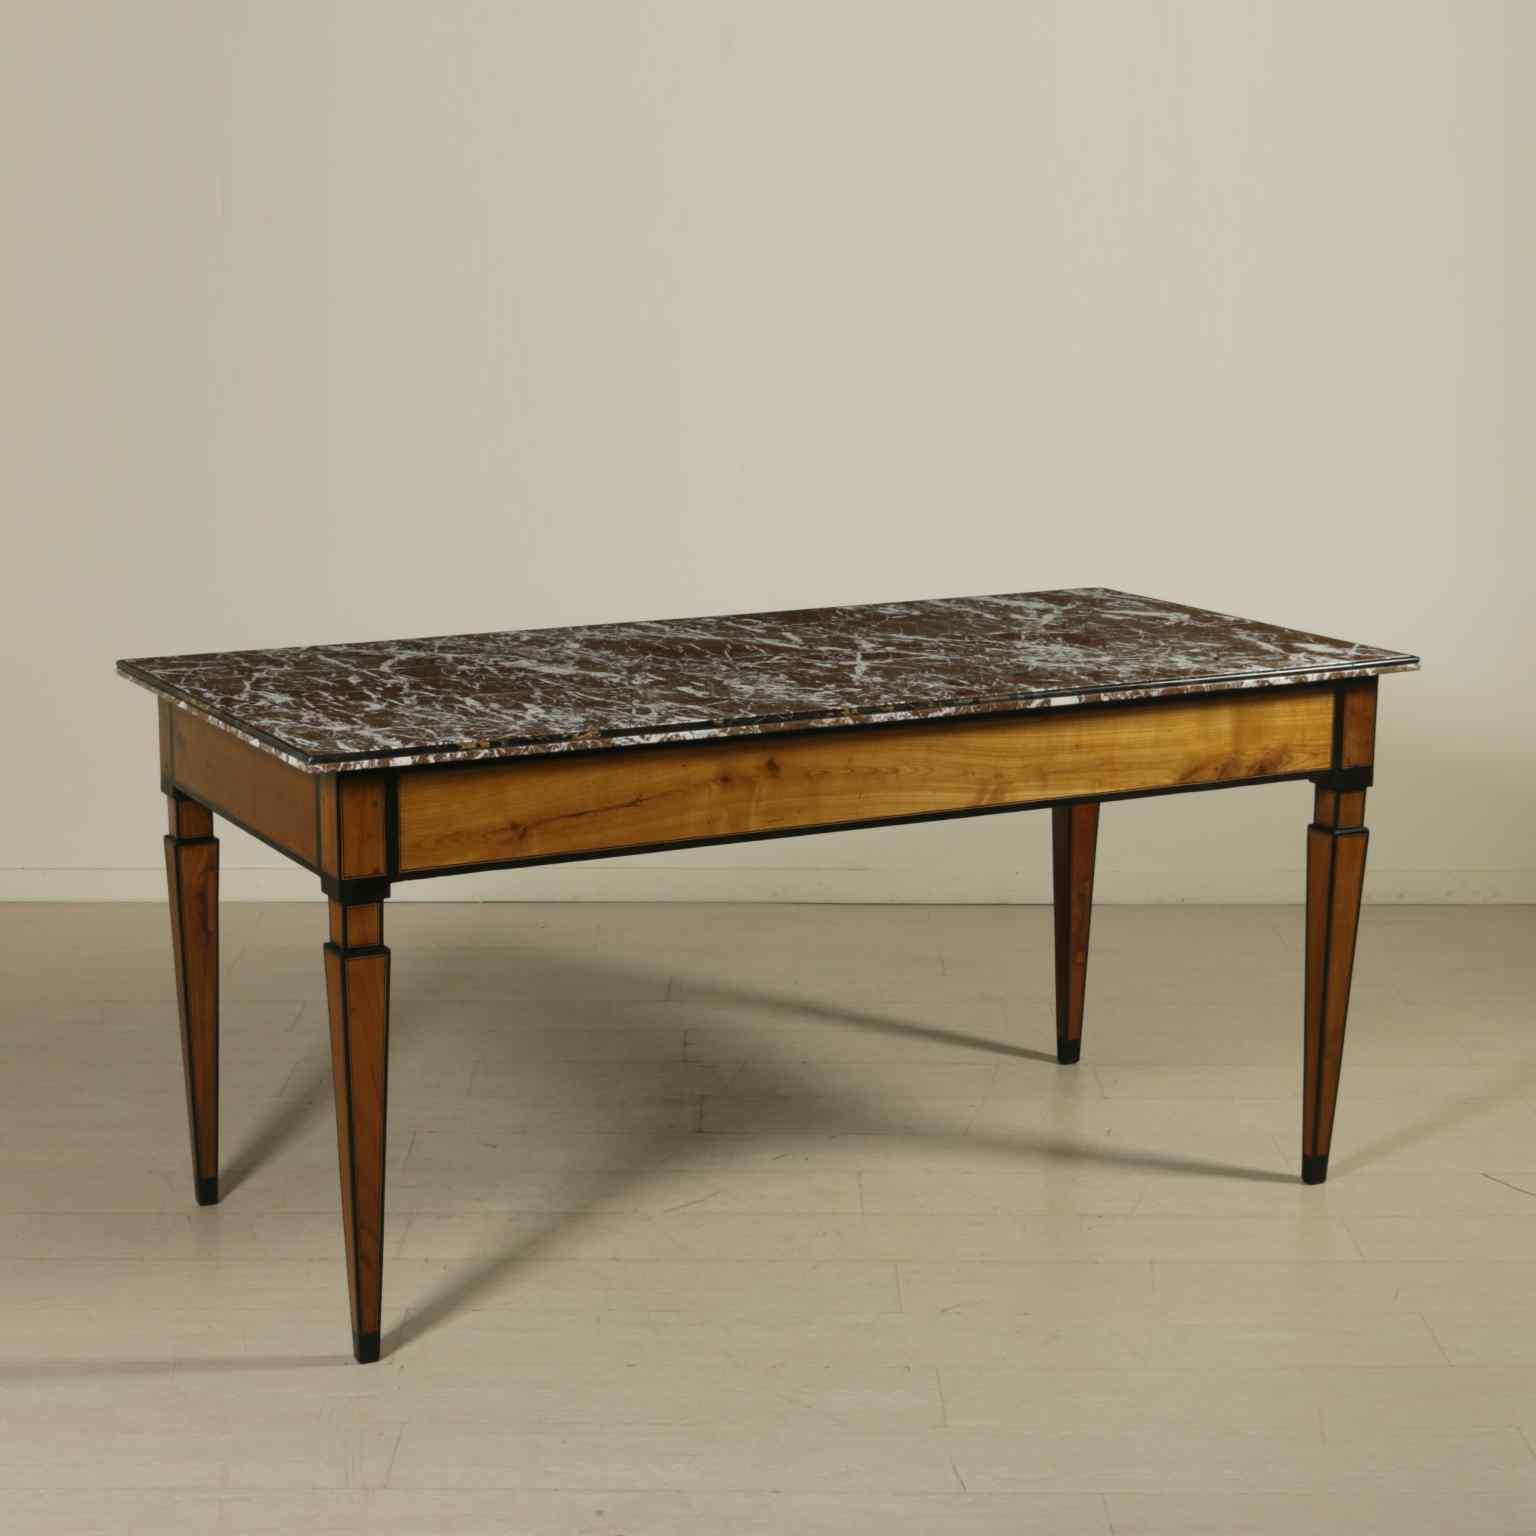 Tavolo neoclassico lastronato ebano